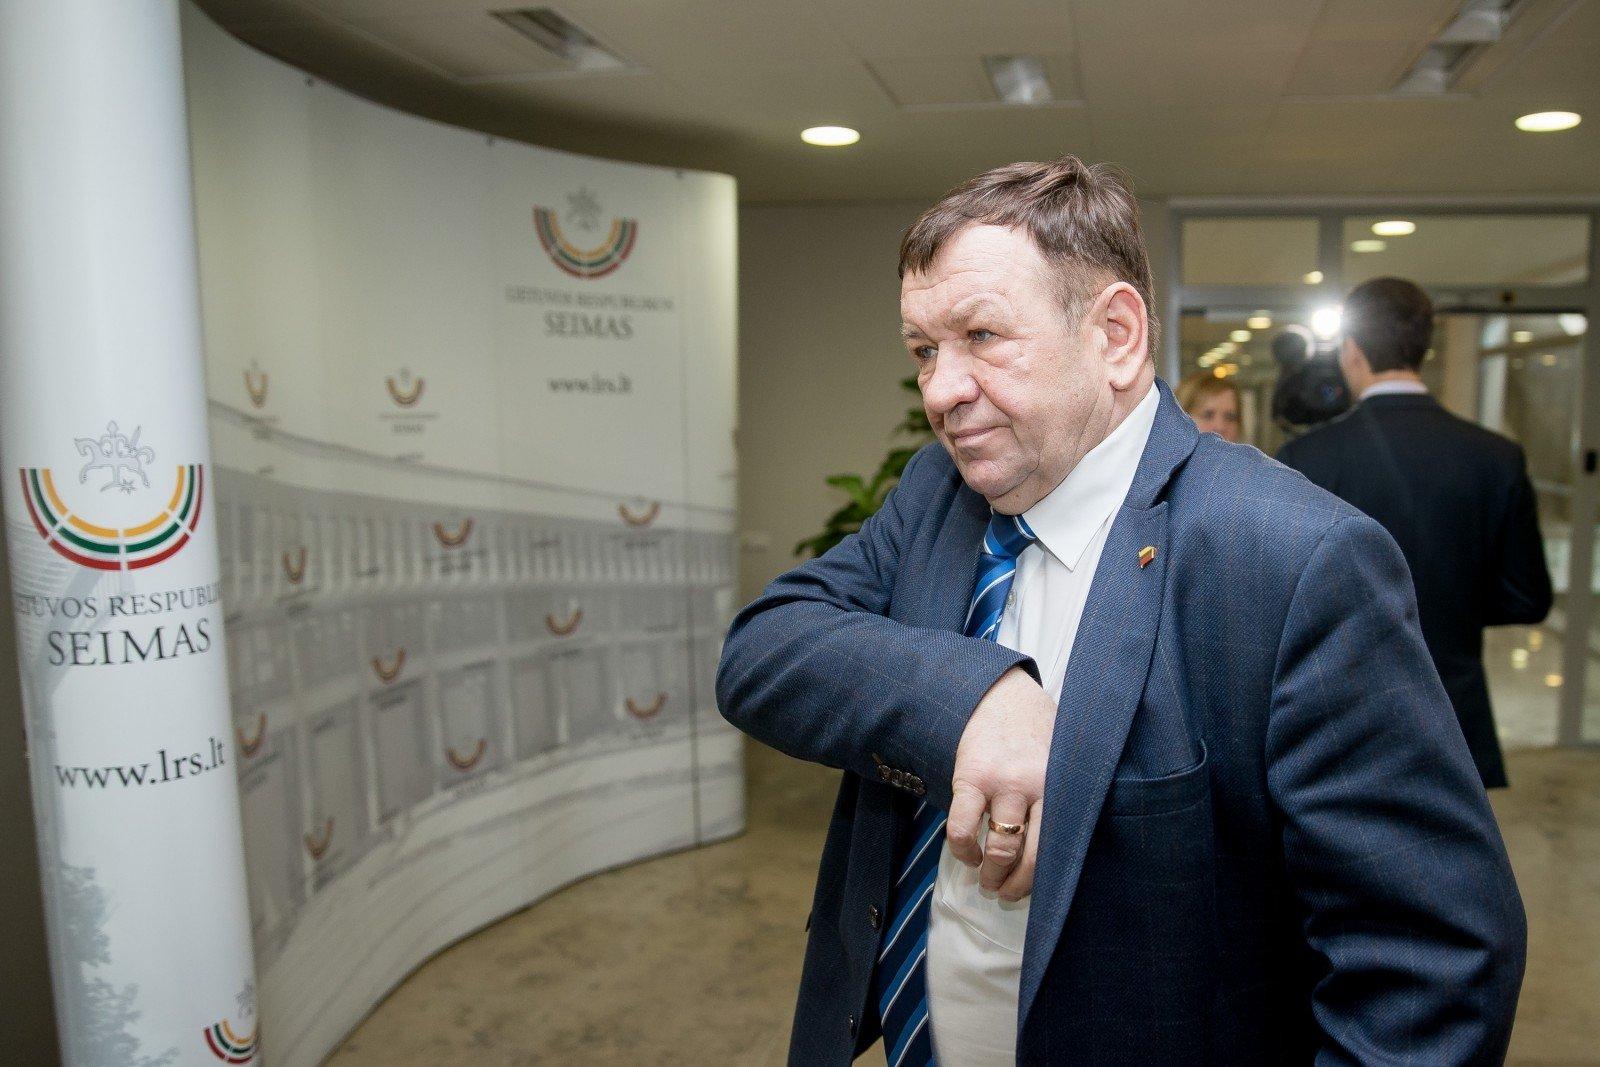 Seimo komisija siūlo Kęstučiui Pūkui pradėti apkaltos procesą